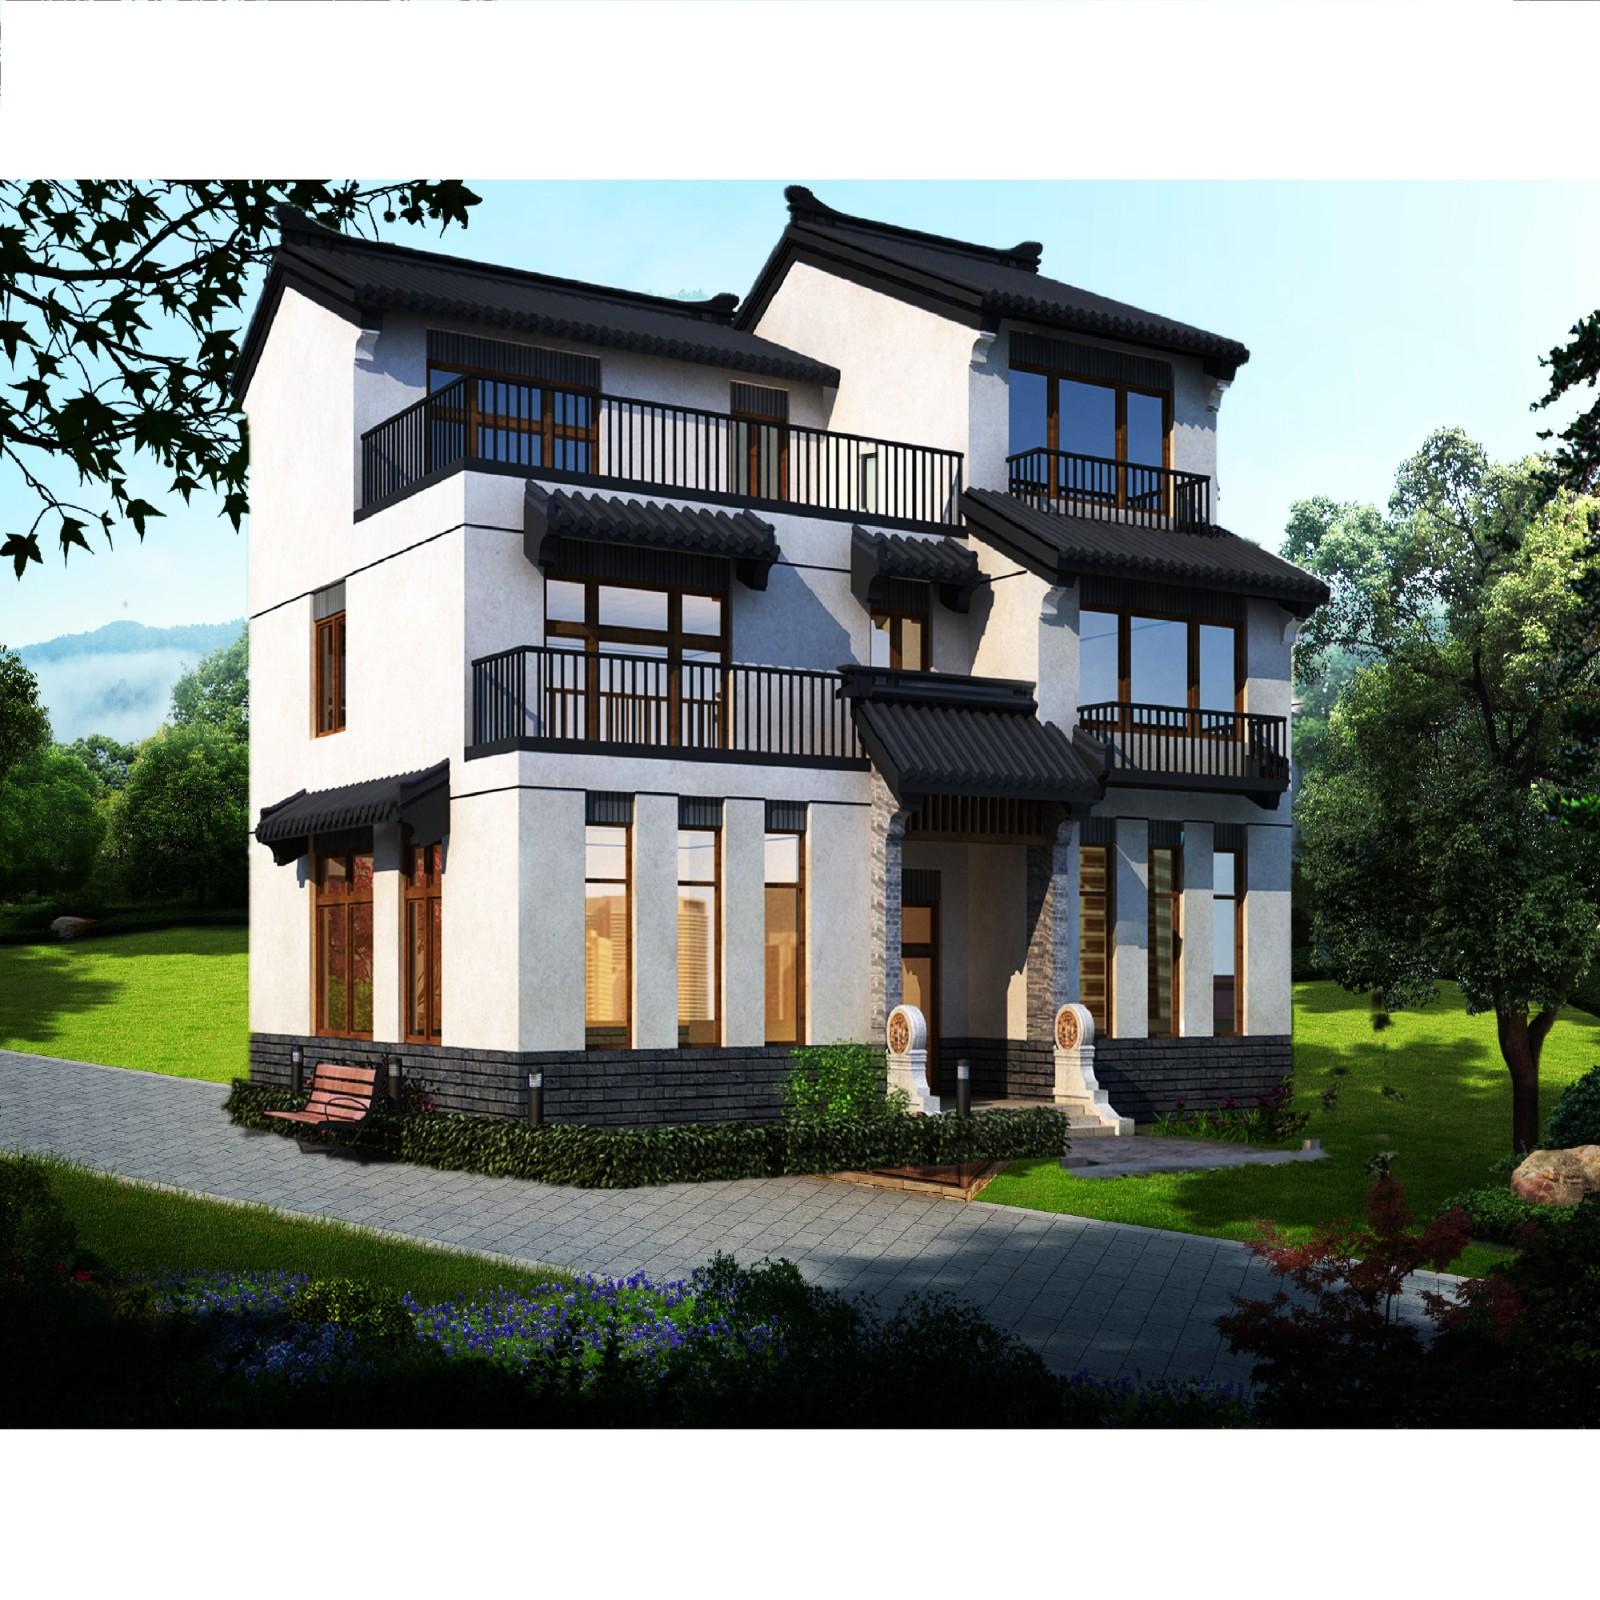 中式三層別墅設計圖效果圖